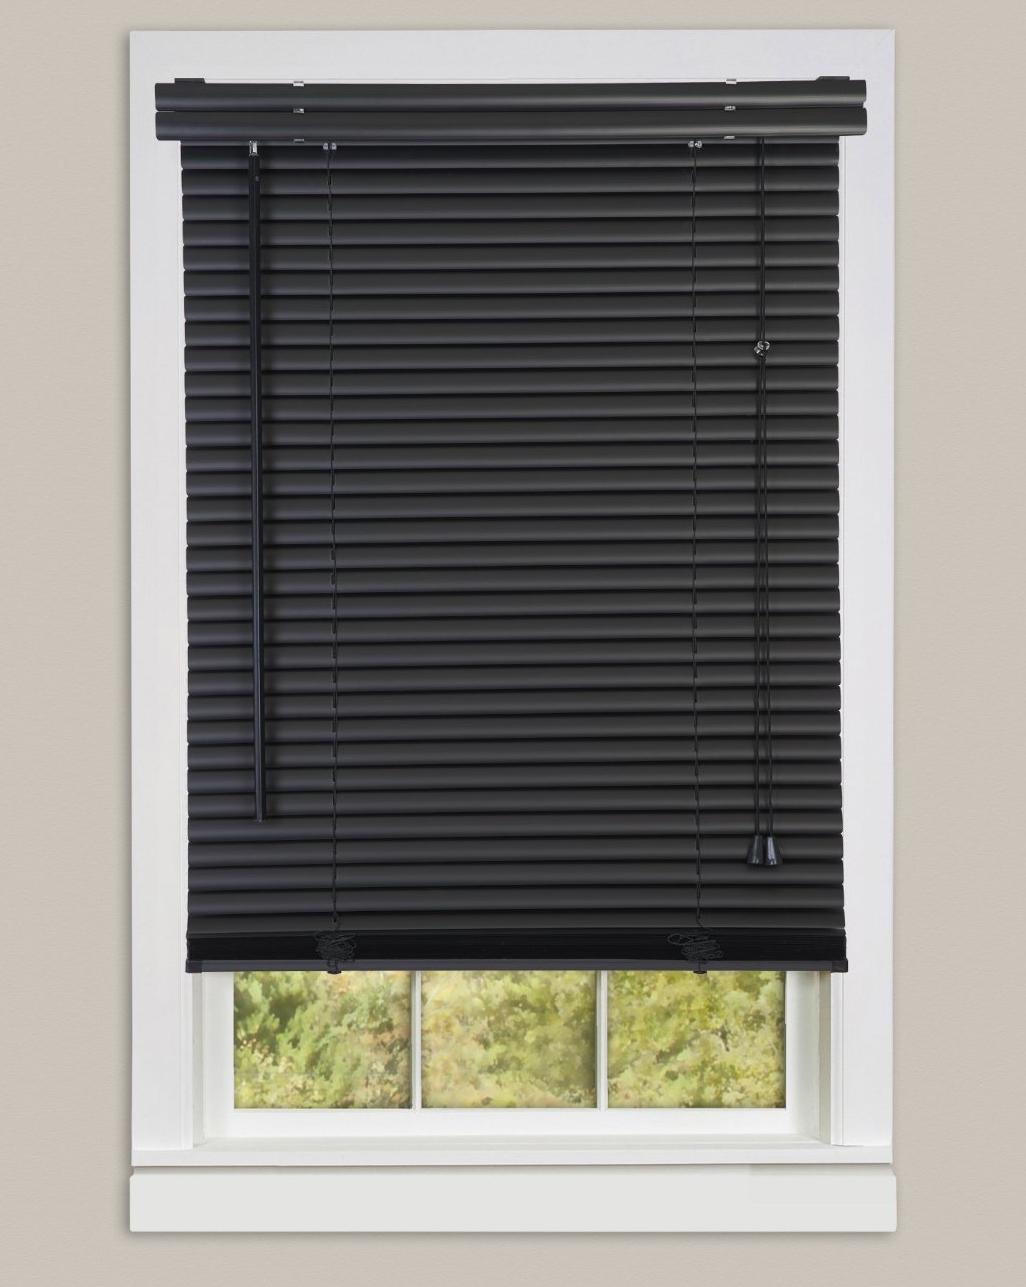 Window Blinds Mini Blinds 1 Slats Black Venetian Vinyl